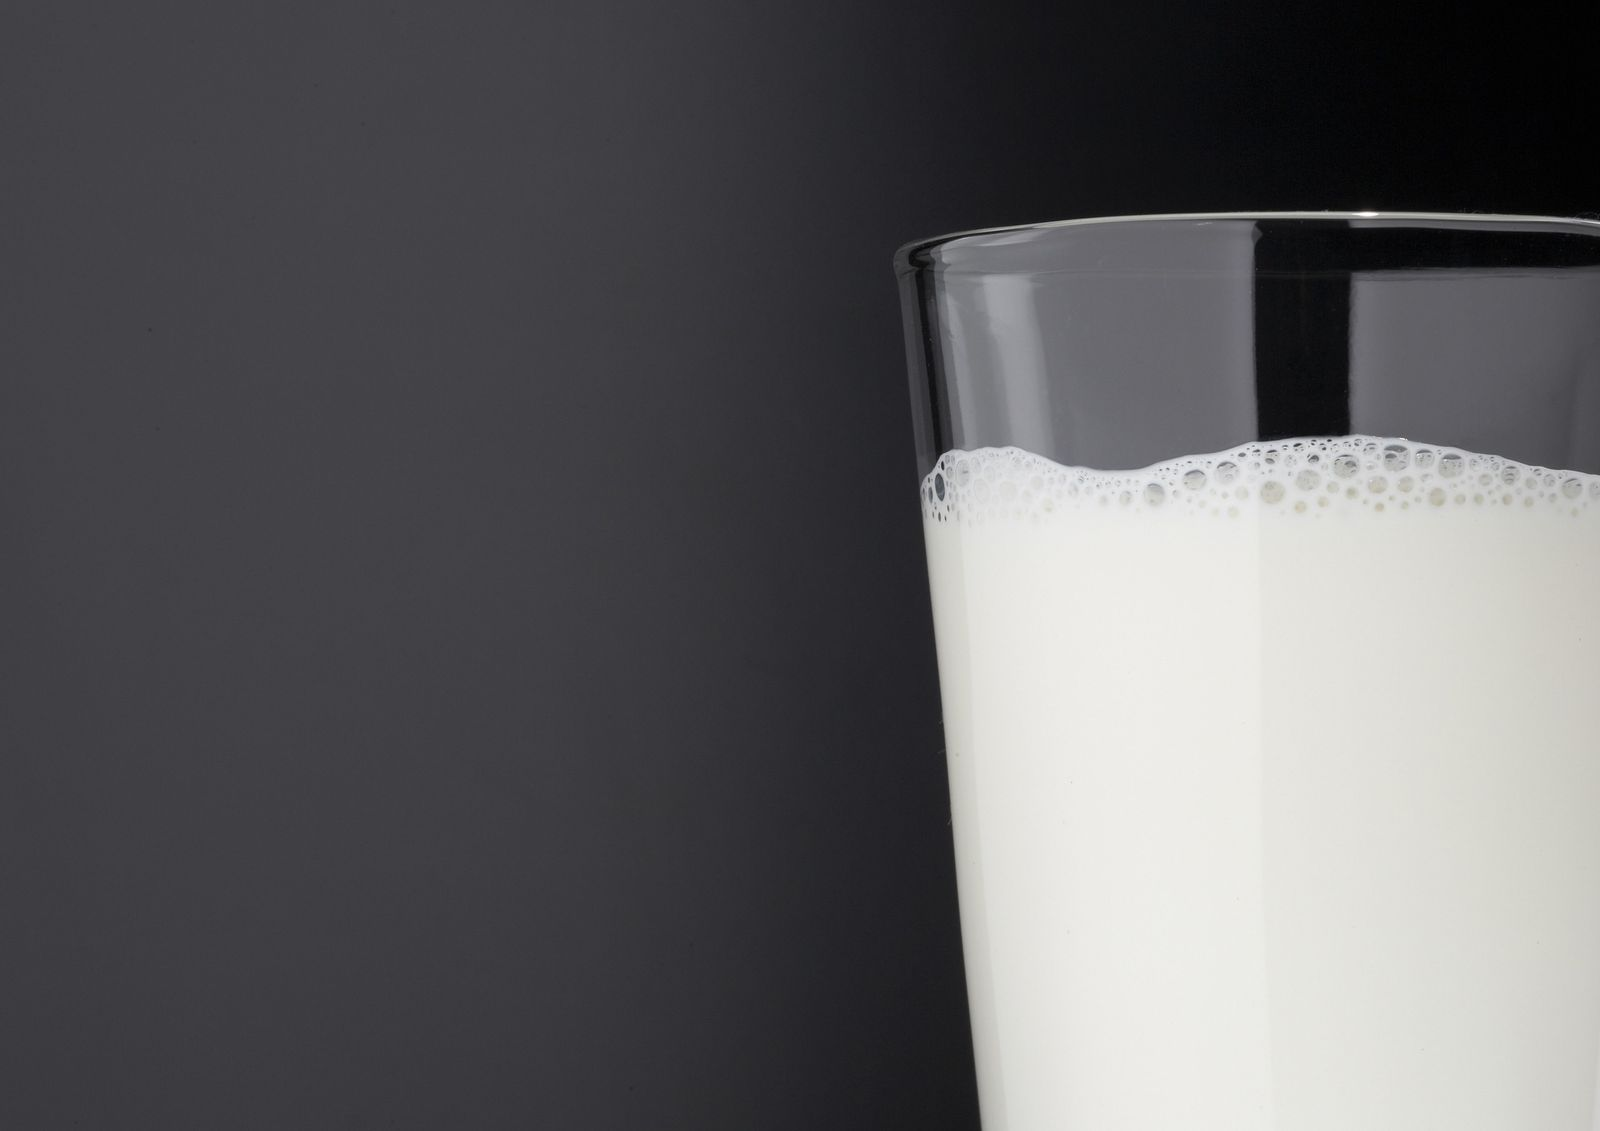 NICHT MEHR VERWENDEN! - Milchglas/ Ernährung/ Kalzium